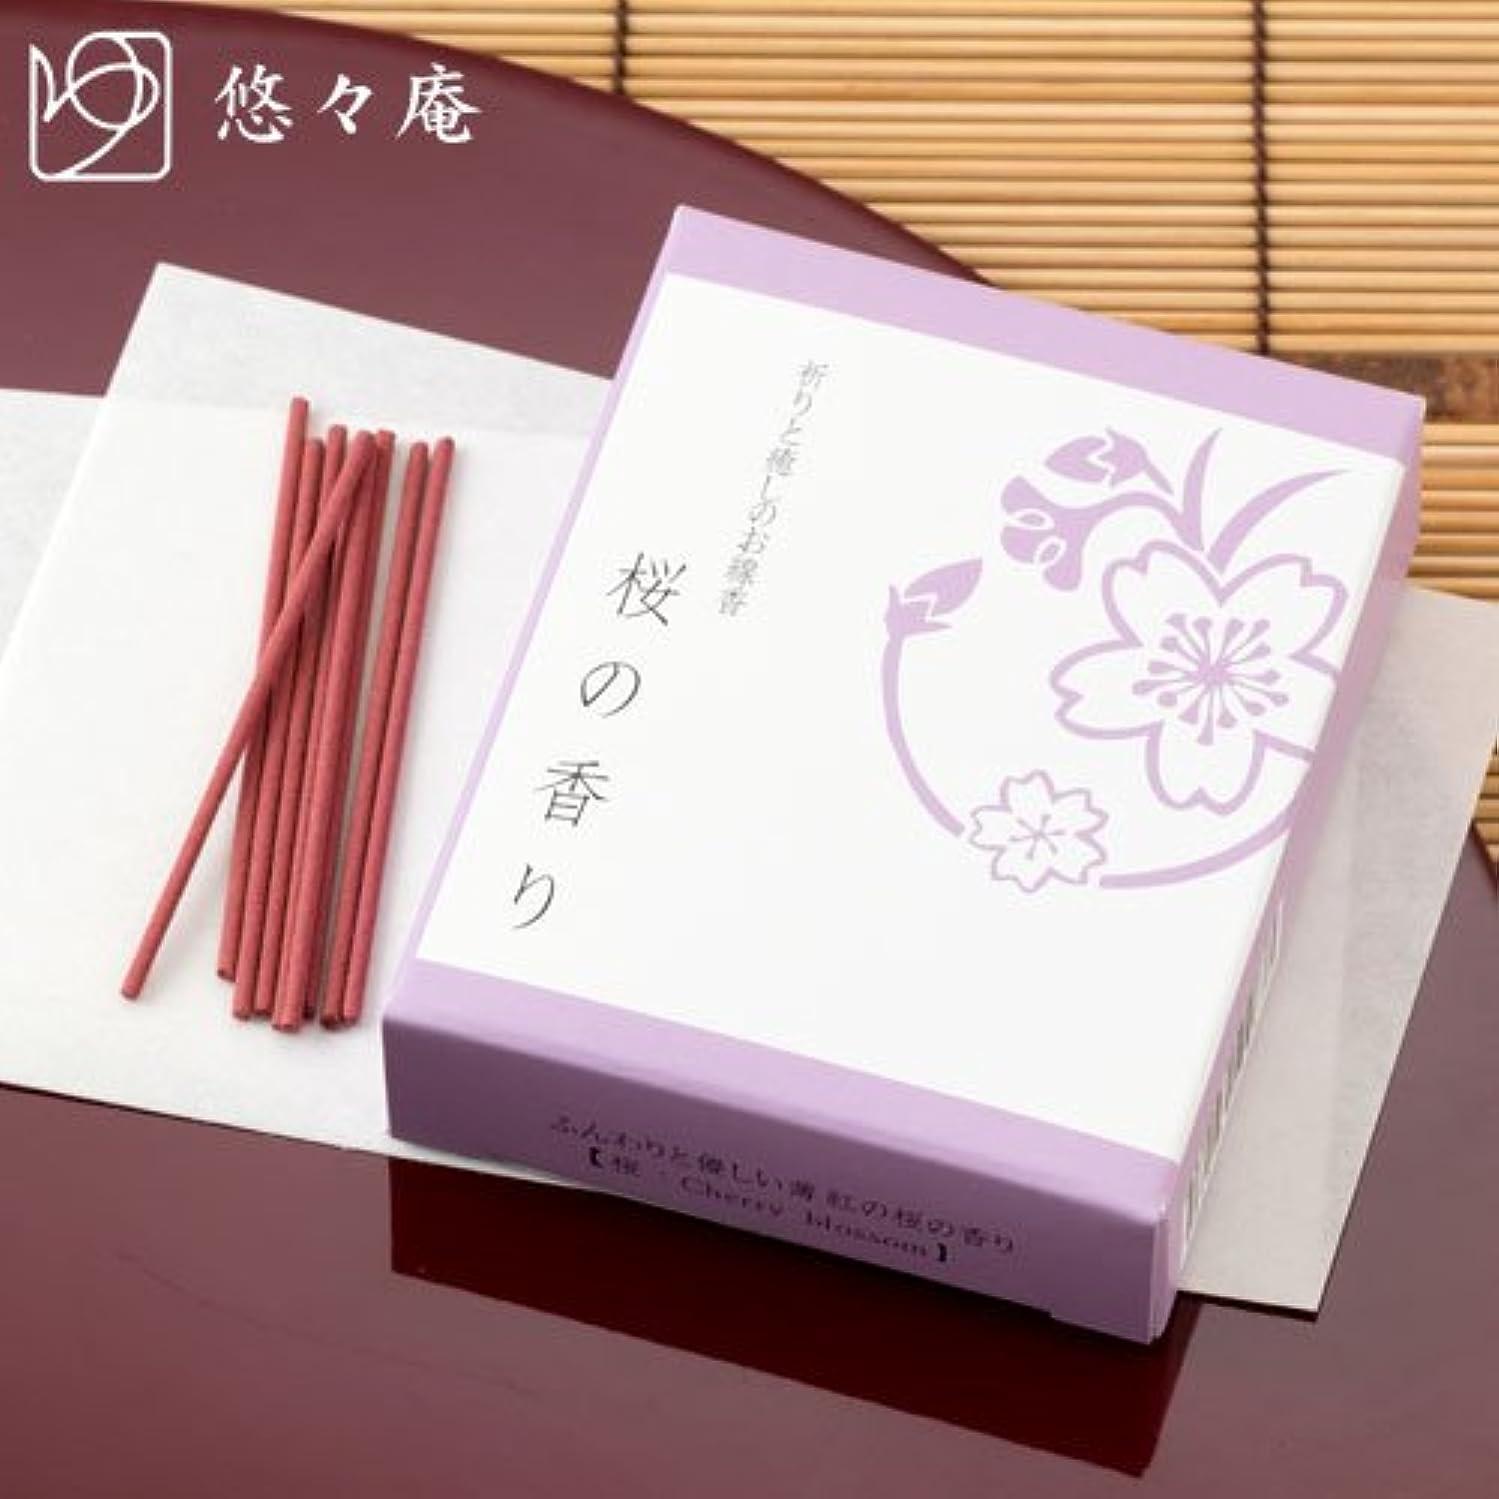 切るペレット昆虫を見るスティックお香祈りと癒しのお線香桜ショートサイズ悠々庵Pray & Heal Incense